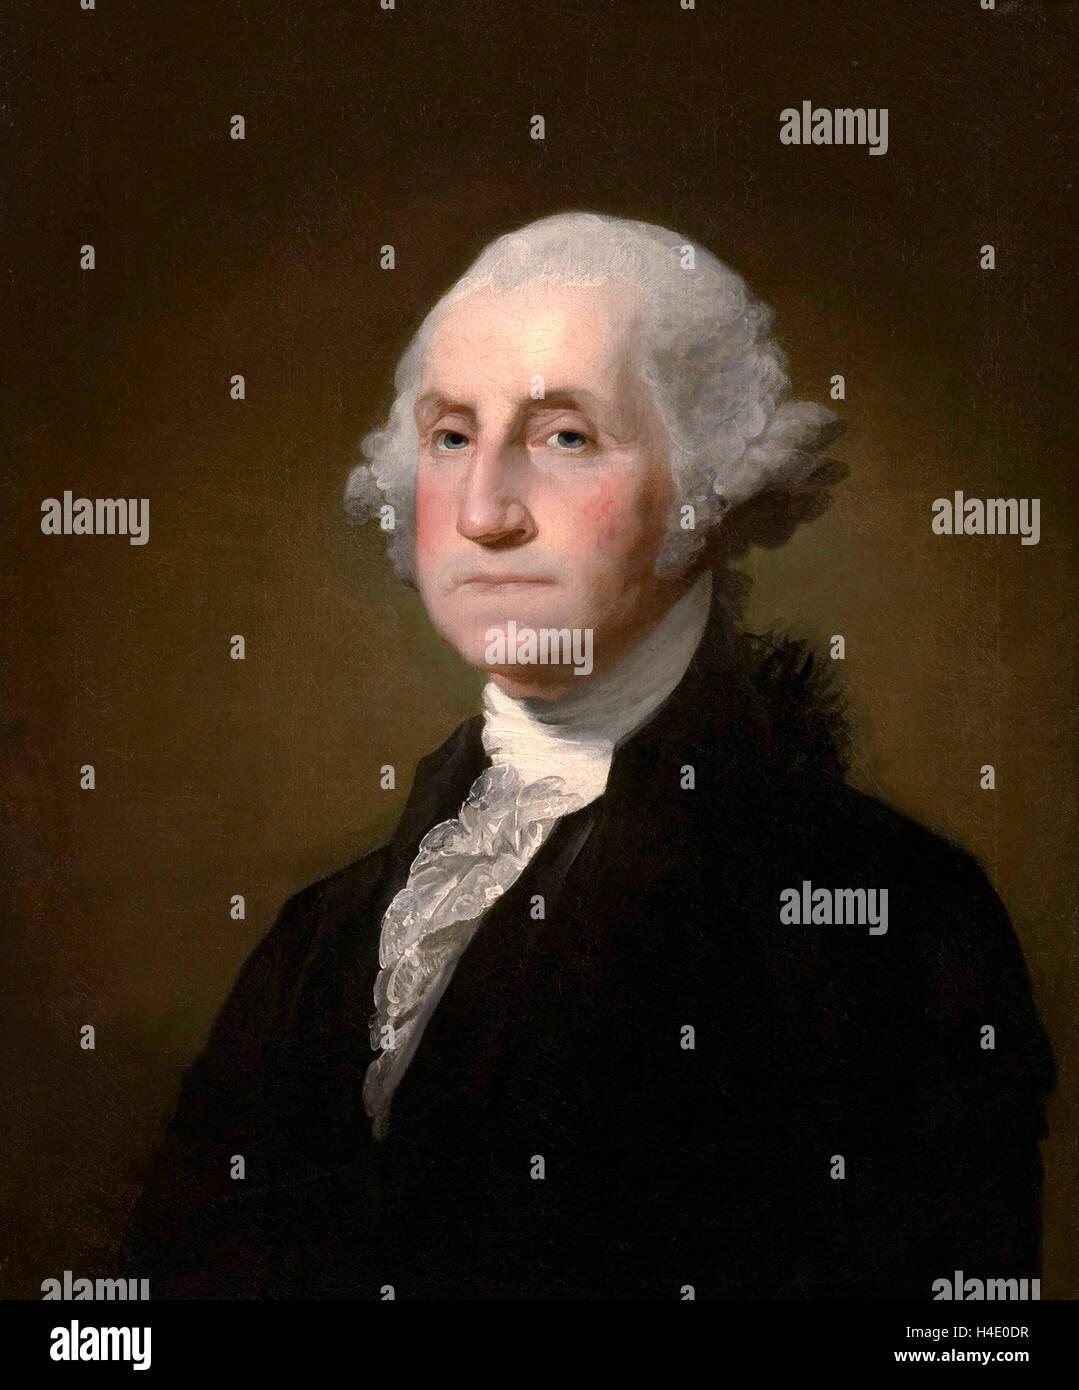 George Washington. Ritratto del Presidente degli Stati Uniti George Washington da Gilbert Stuart, 1797 Immagini Stock